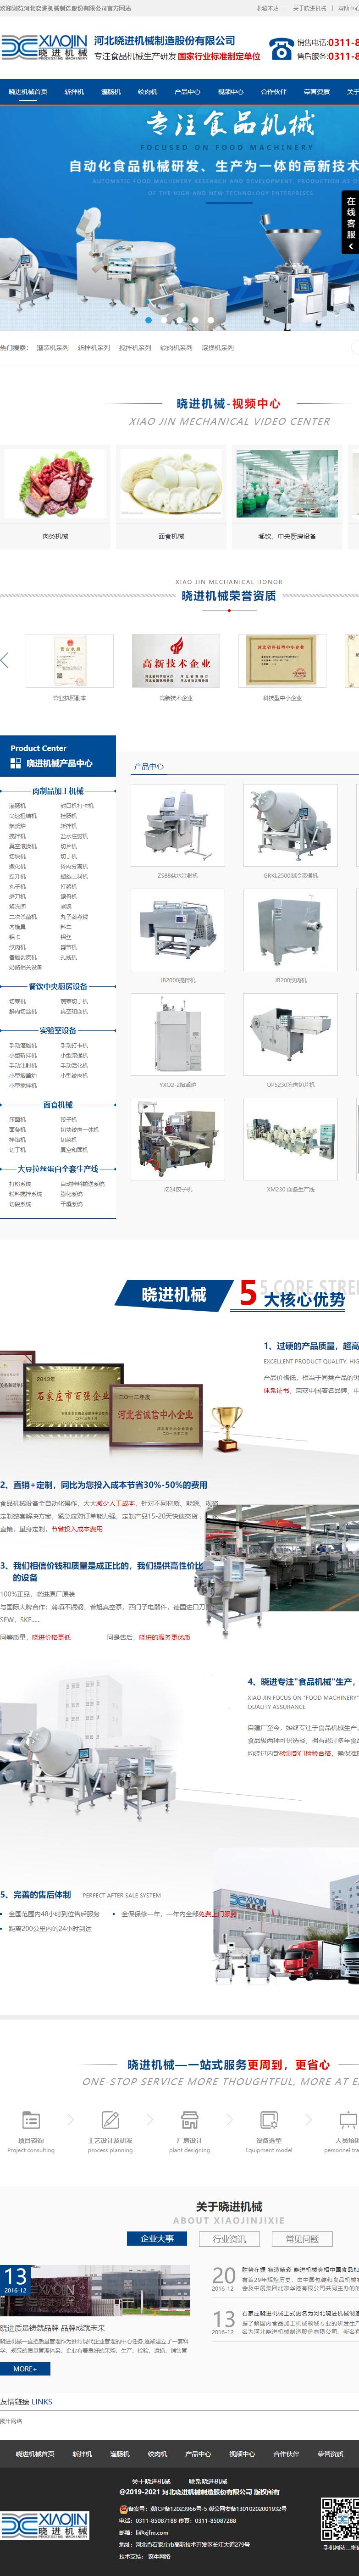 河北晓进机械制造股份有限公司网站案例